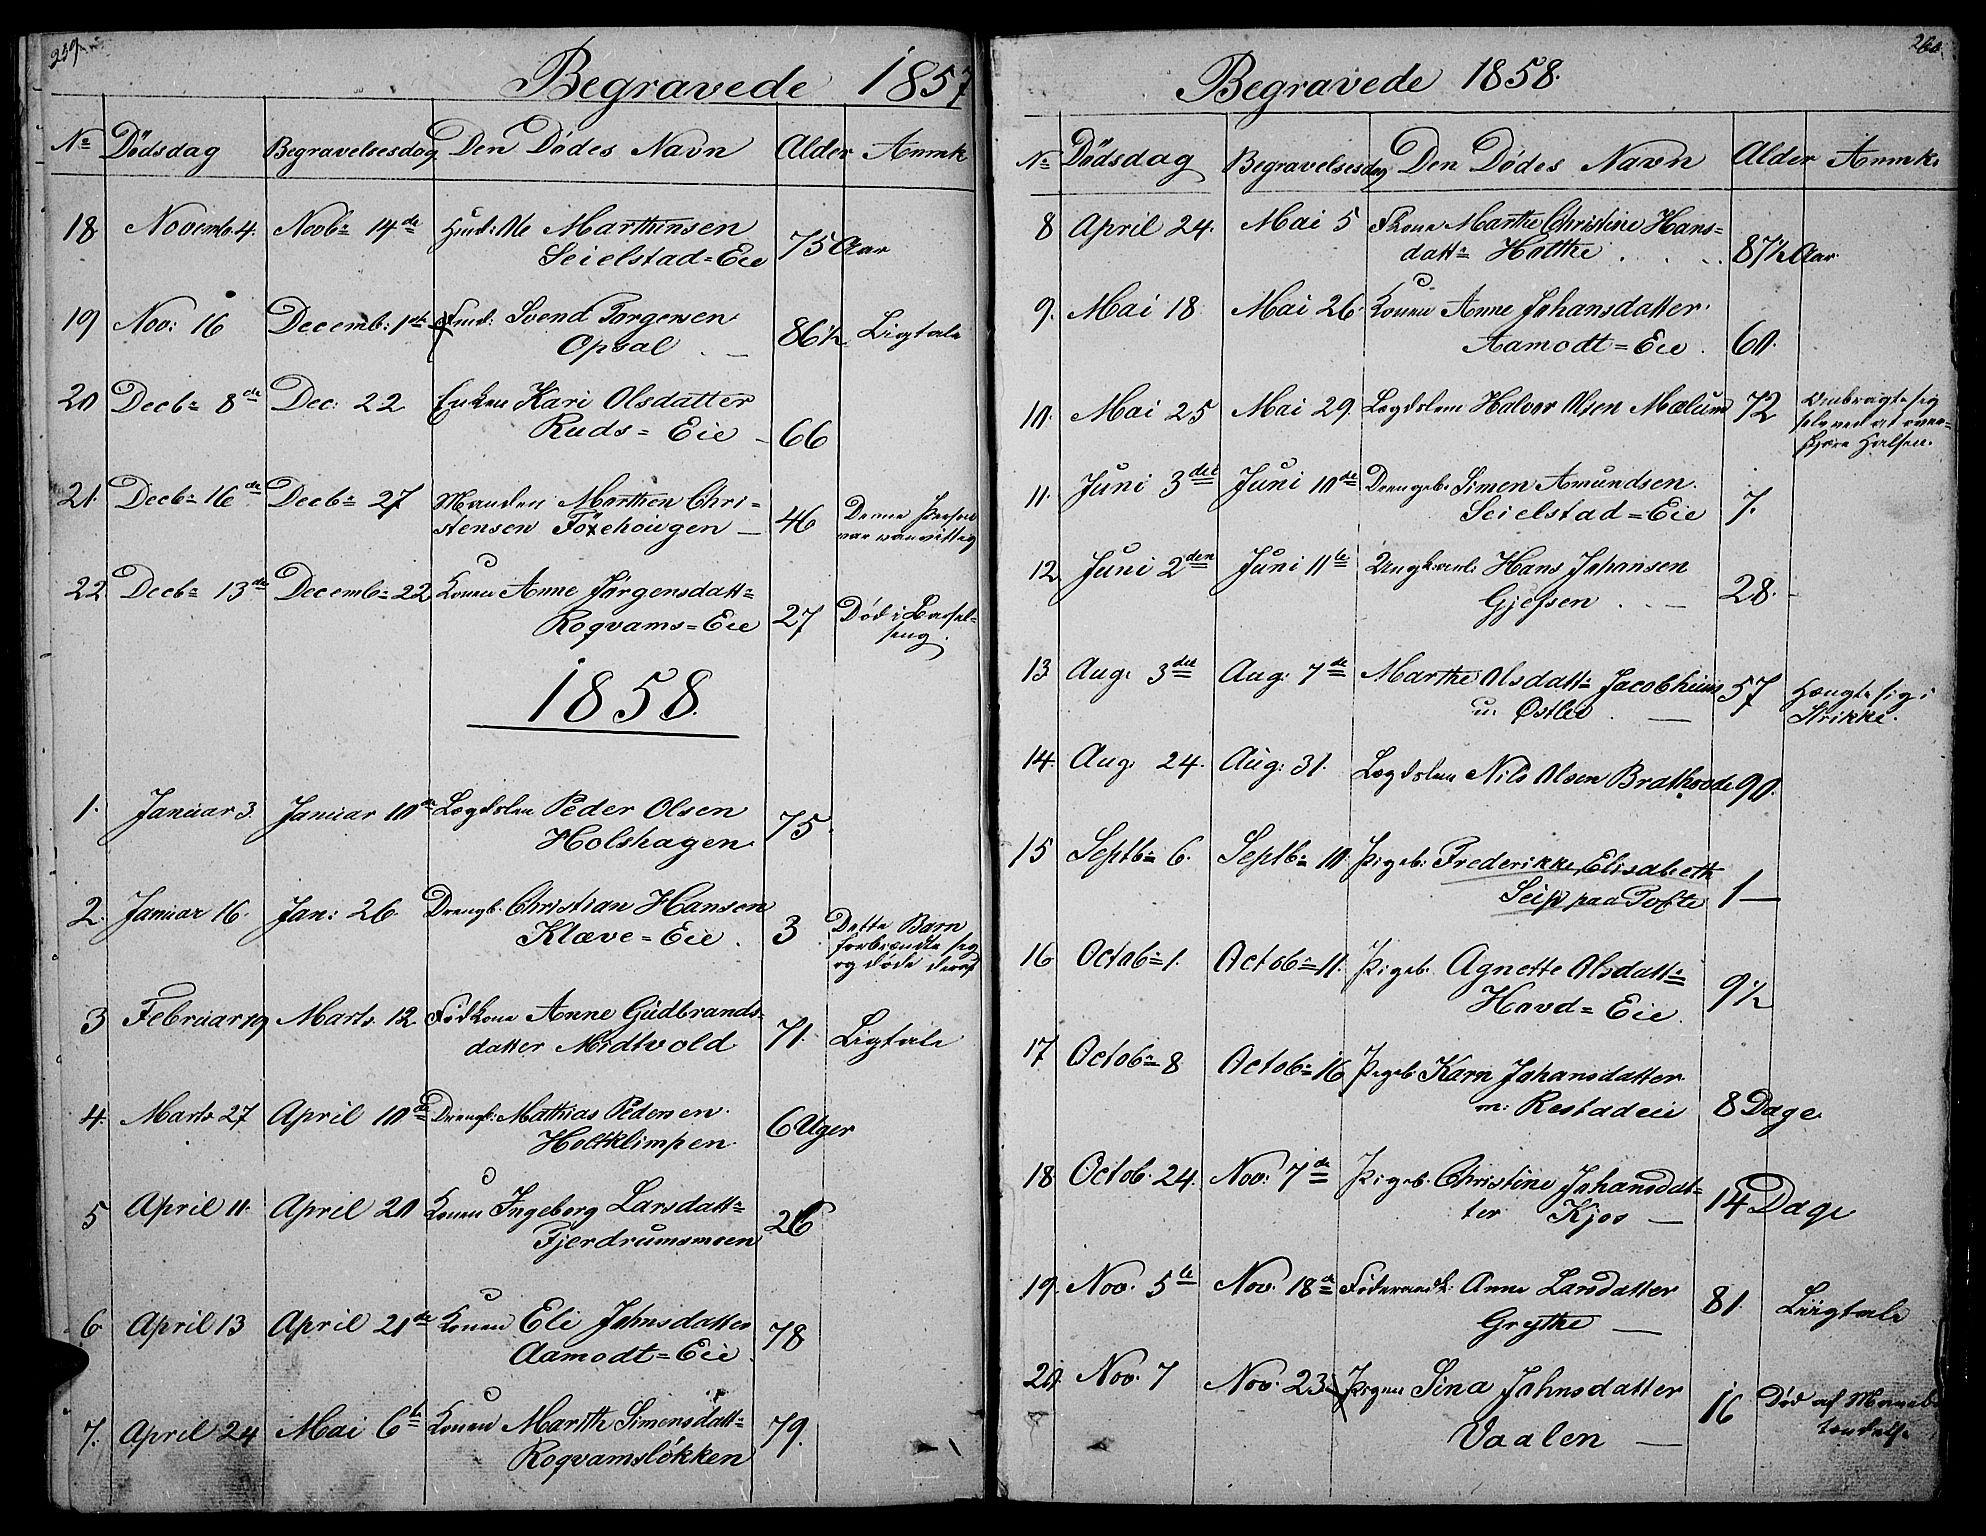 SAH, Gausdal prestekontor, Klokkerbok nr. 3, 1829-1864, s. 259-260